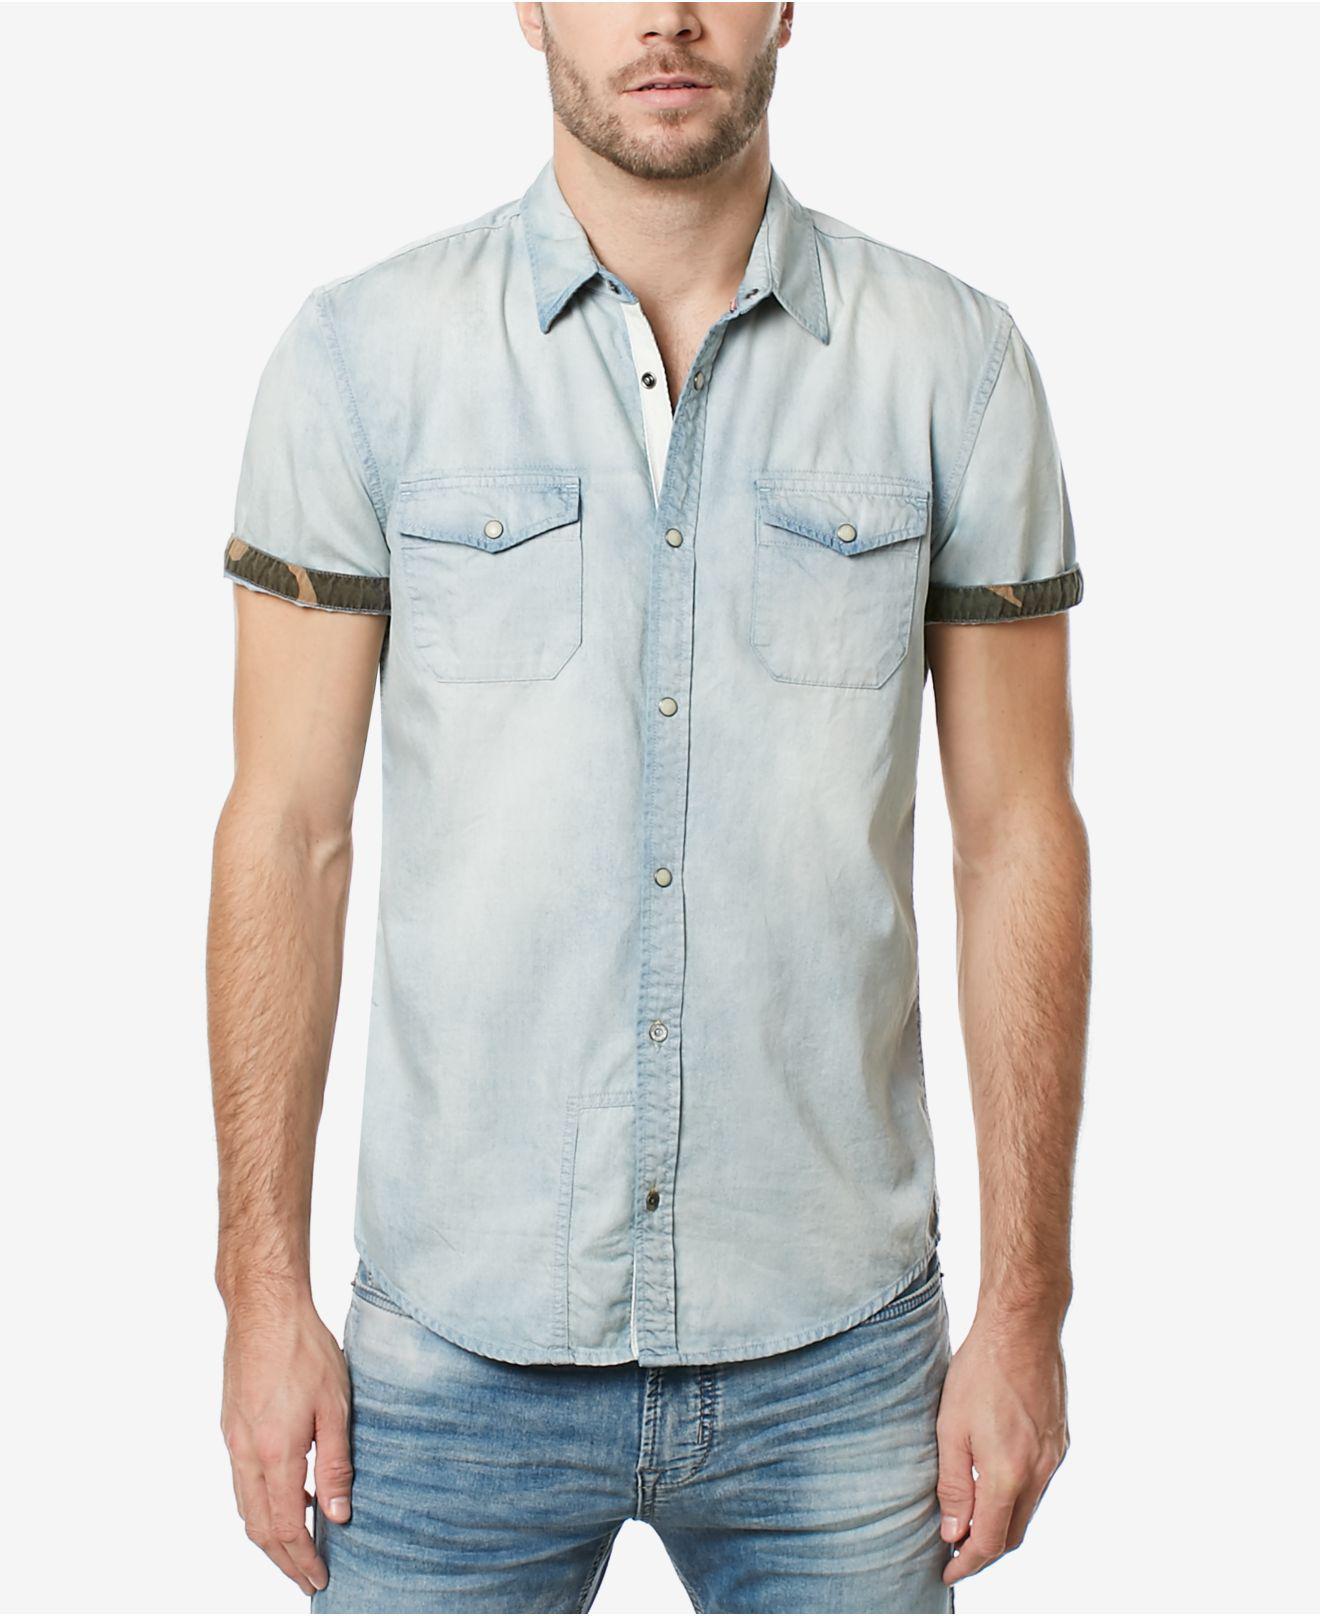 5c71fc2ef9 Lyst - Buffalo David Bitton Men s Men s Dual Pocket Denim Shirt in ...